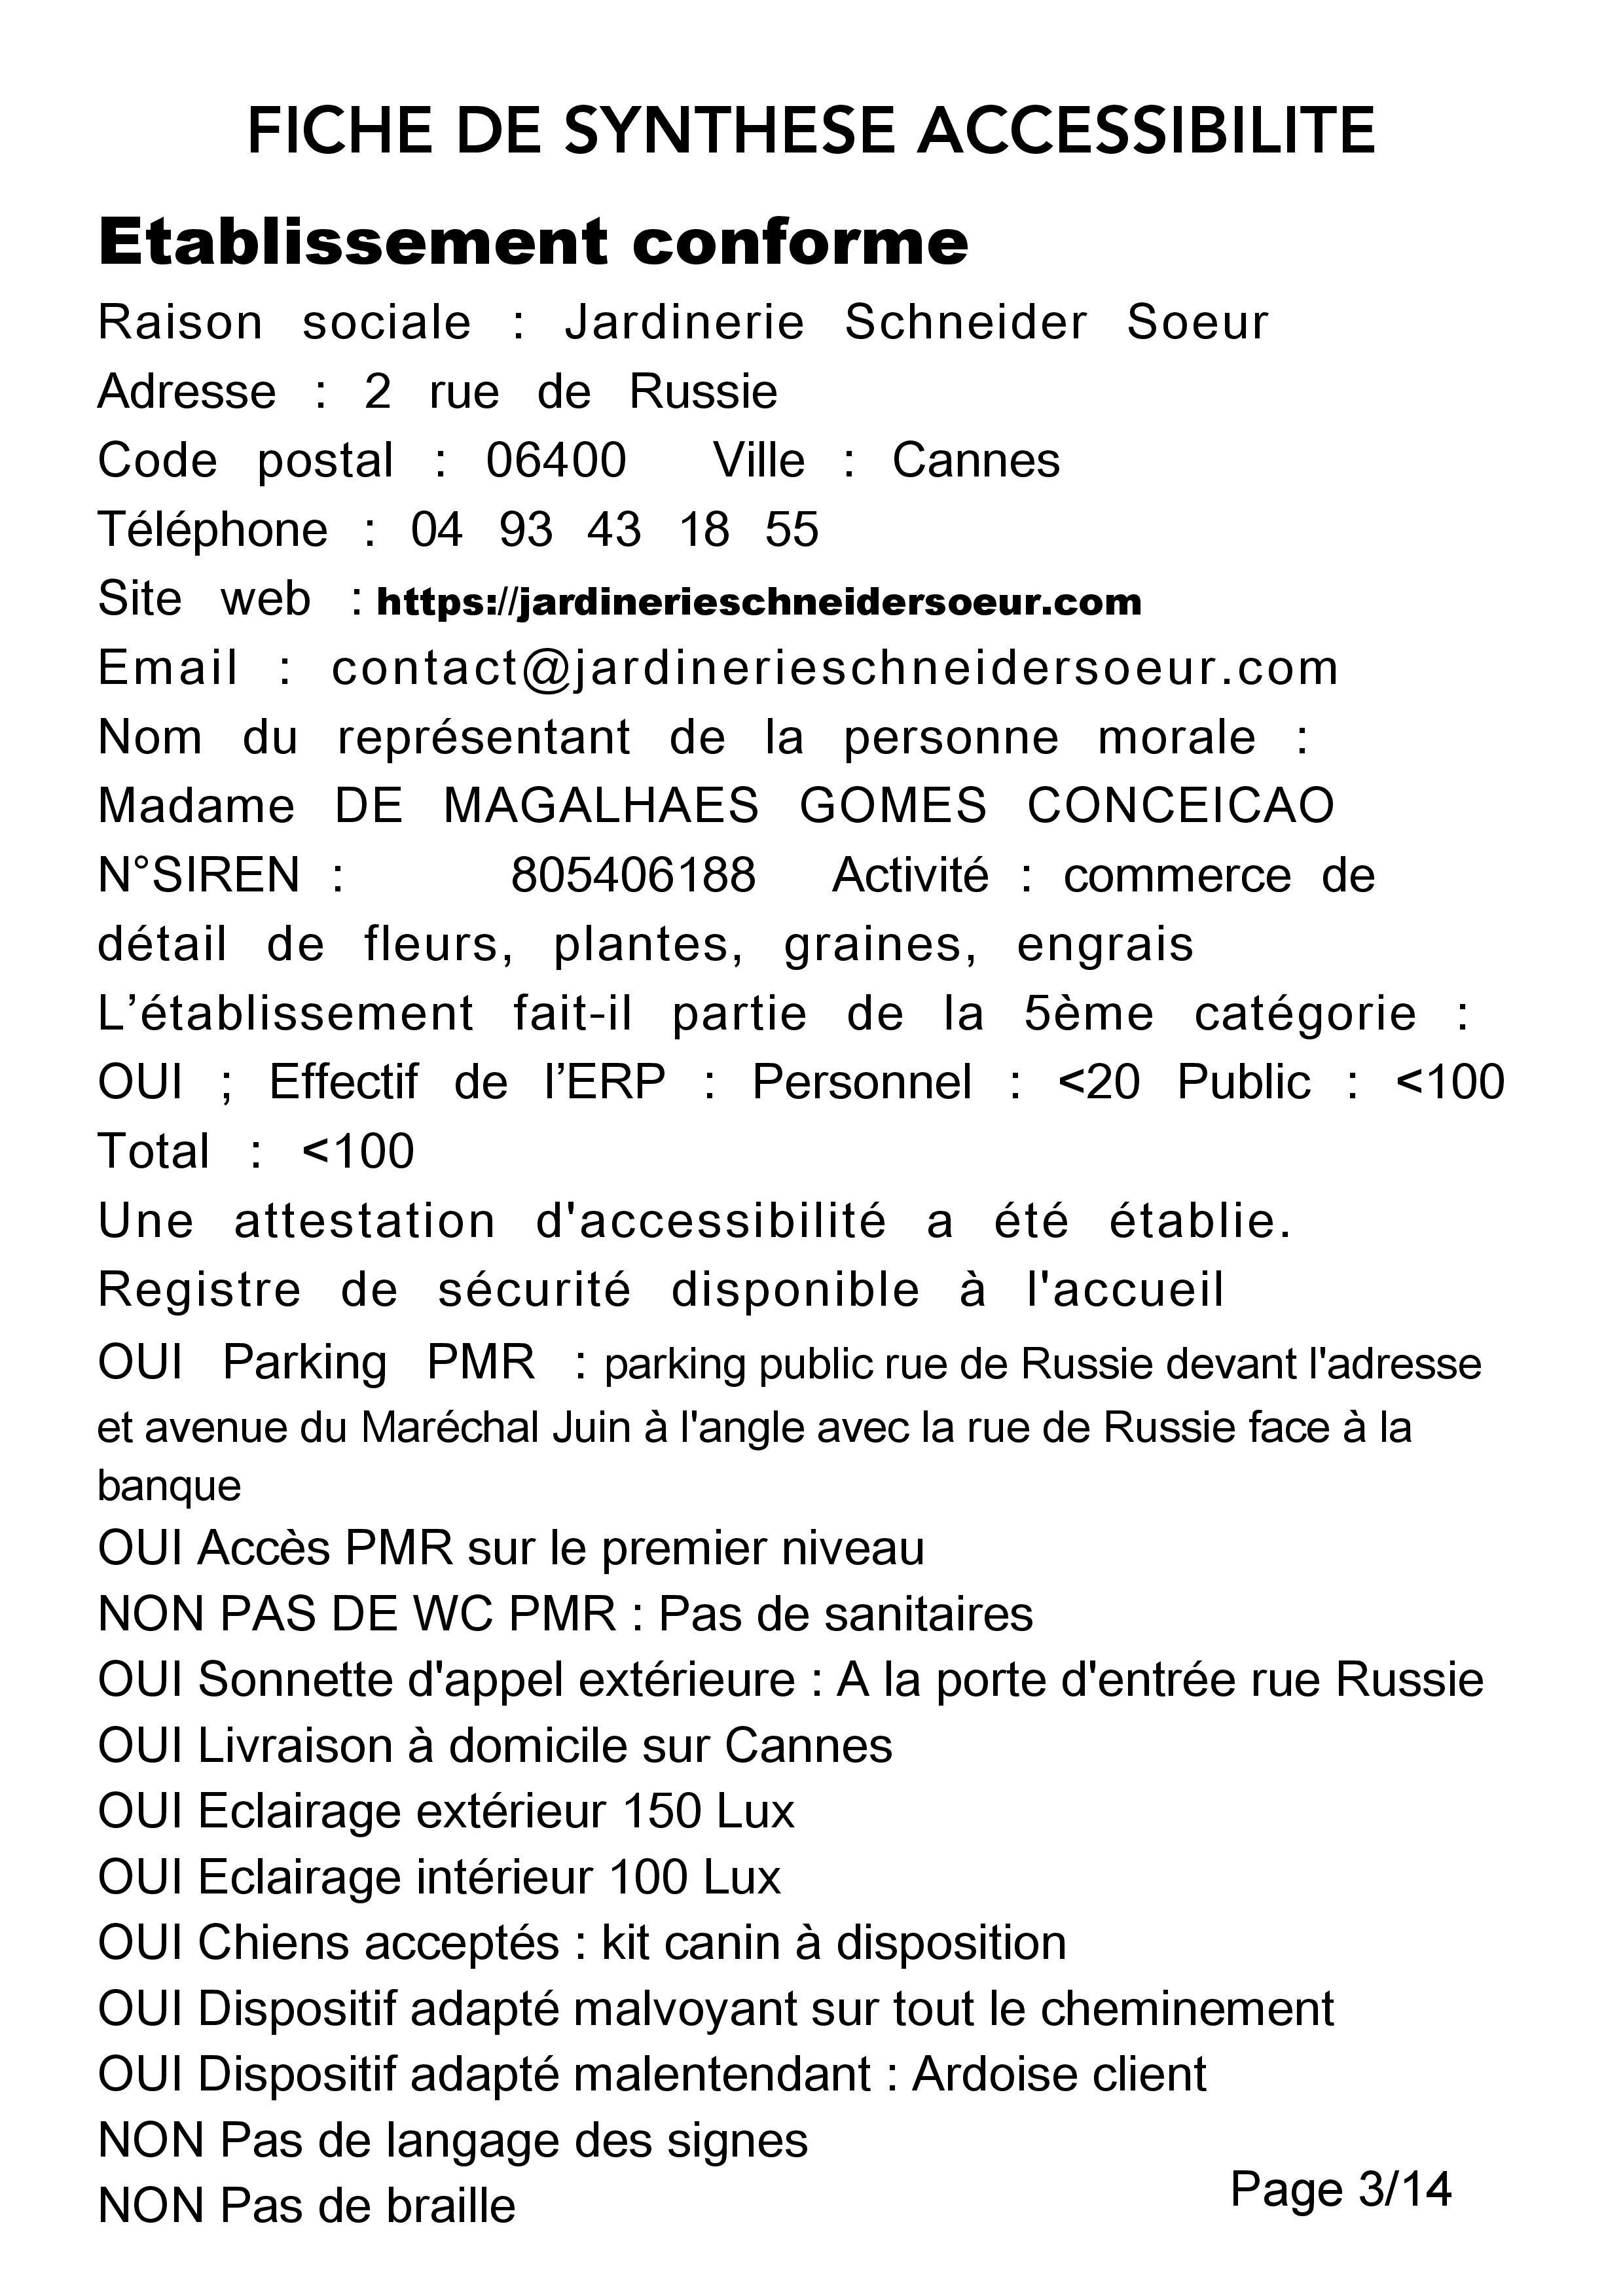 Registre accessibilité Jardinerie Schneider Soeur Cannes-page-003